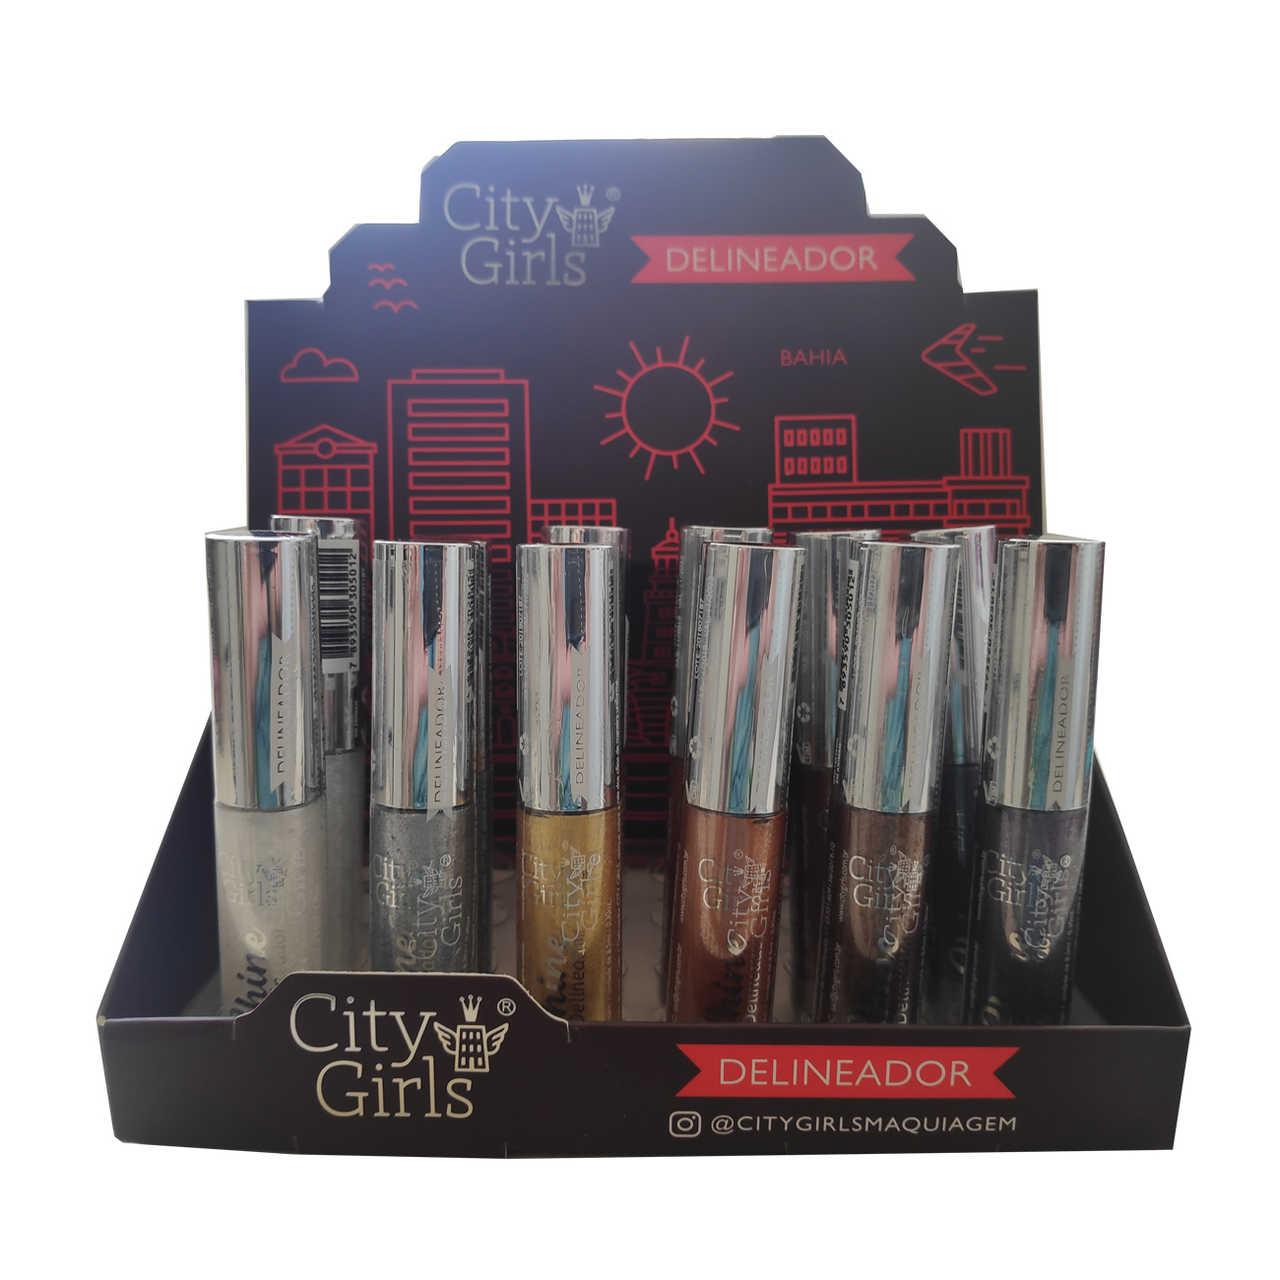 Delineador Shine City Girls - Display com 24 unidades - CG187 Atacado